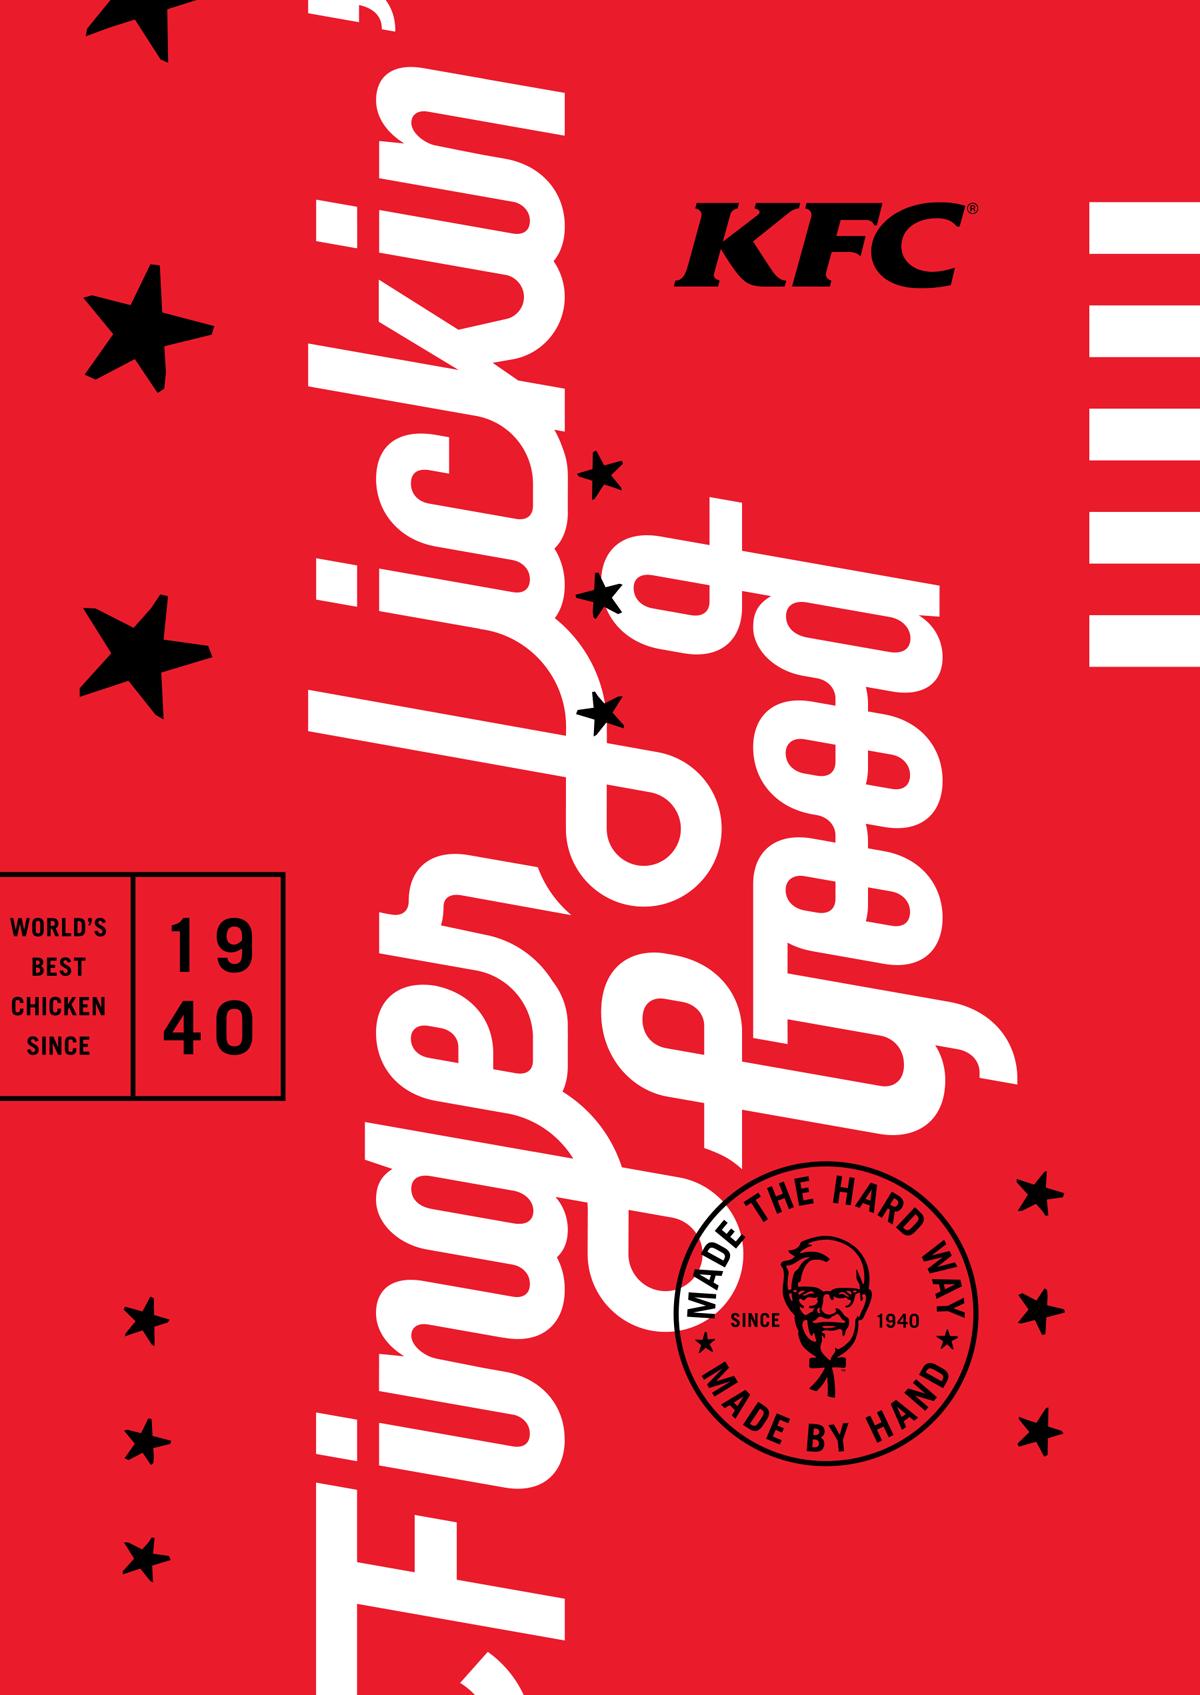 KFC identity by Grand Army, grand-army.com